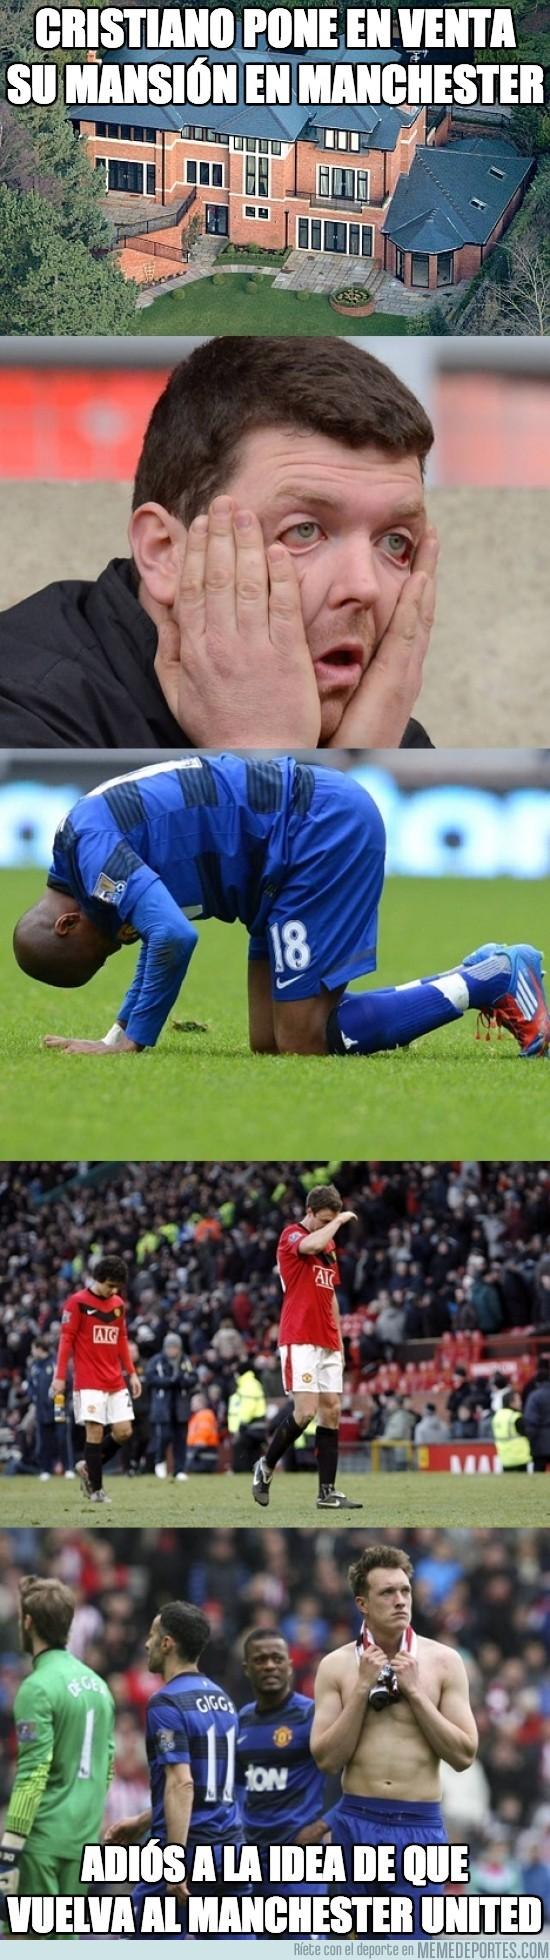 167084 - Adiós a la idea de que vuelva al Manchester United